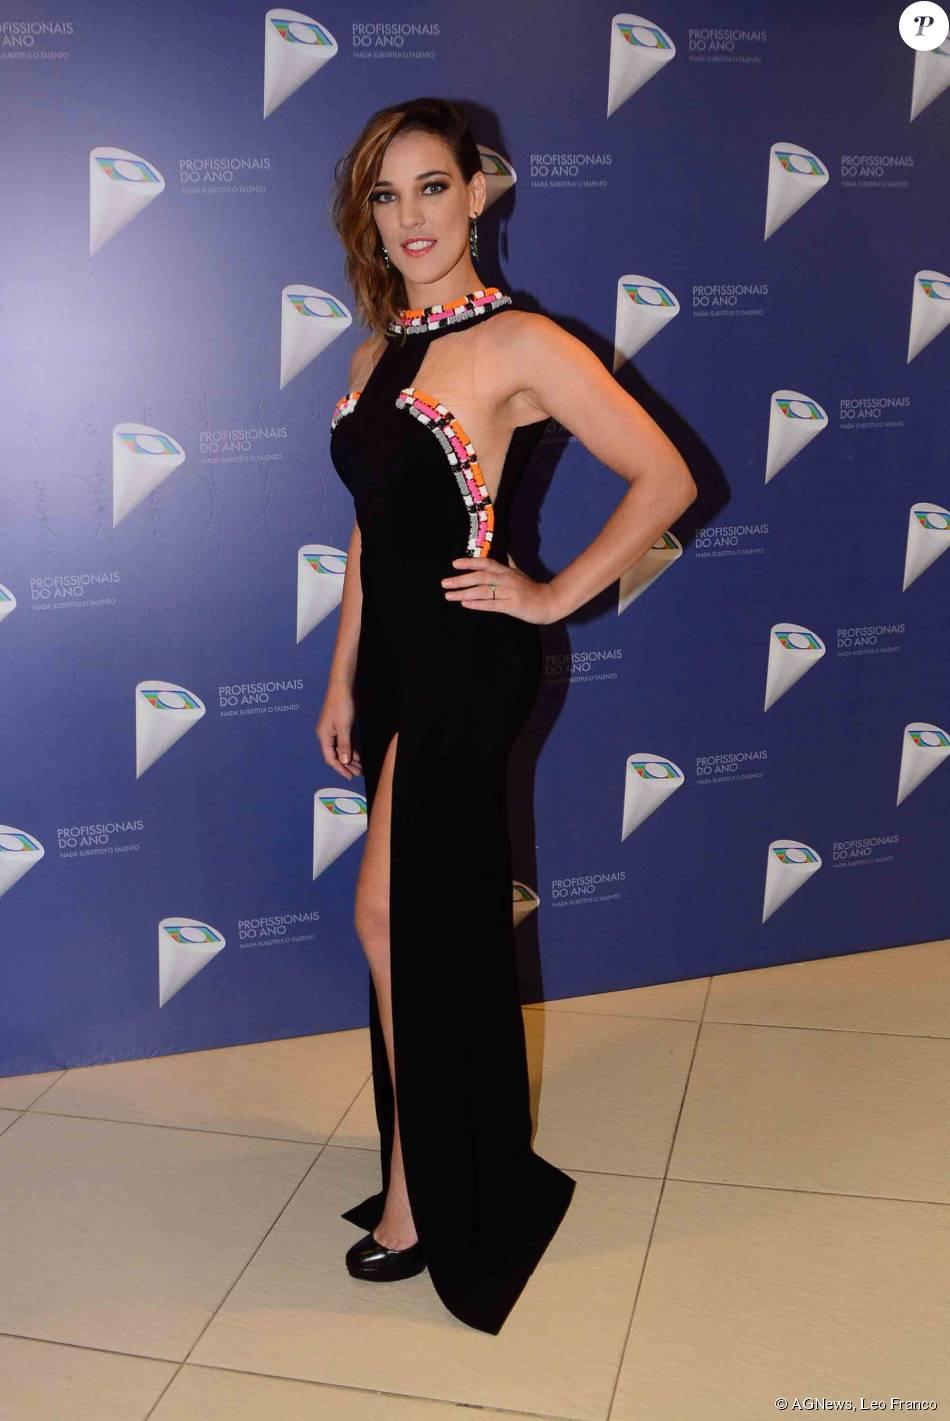 9ad30e9b4b Adriana Birolli escolheu vestido Patricia Bonaldi com fenda para ir ao 37º  Profissionais do Ano